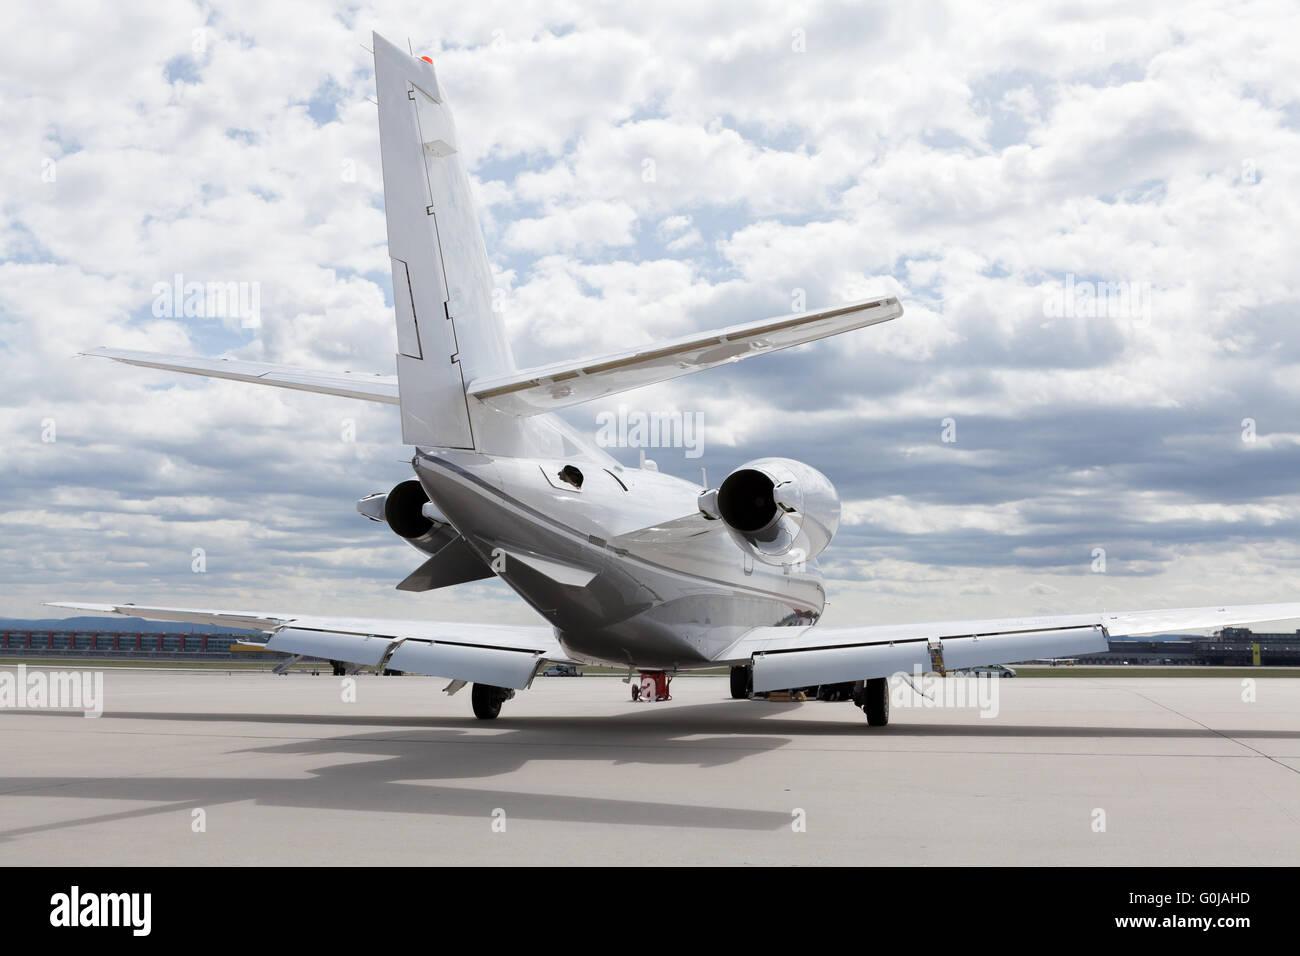 Avion avion en face de l'aéroport avec ciel nuageux Photo Stock